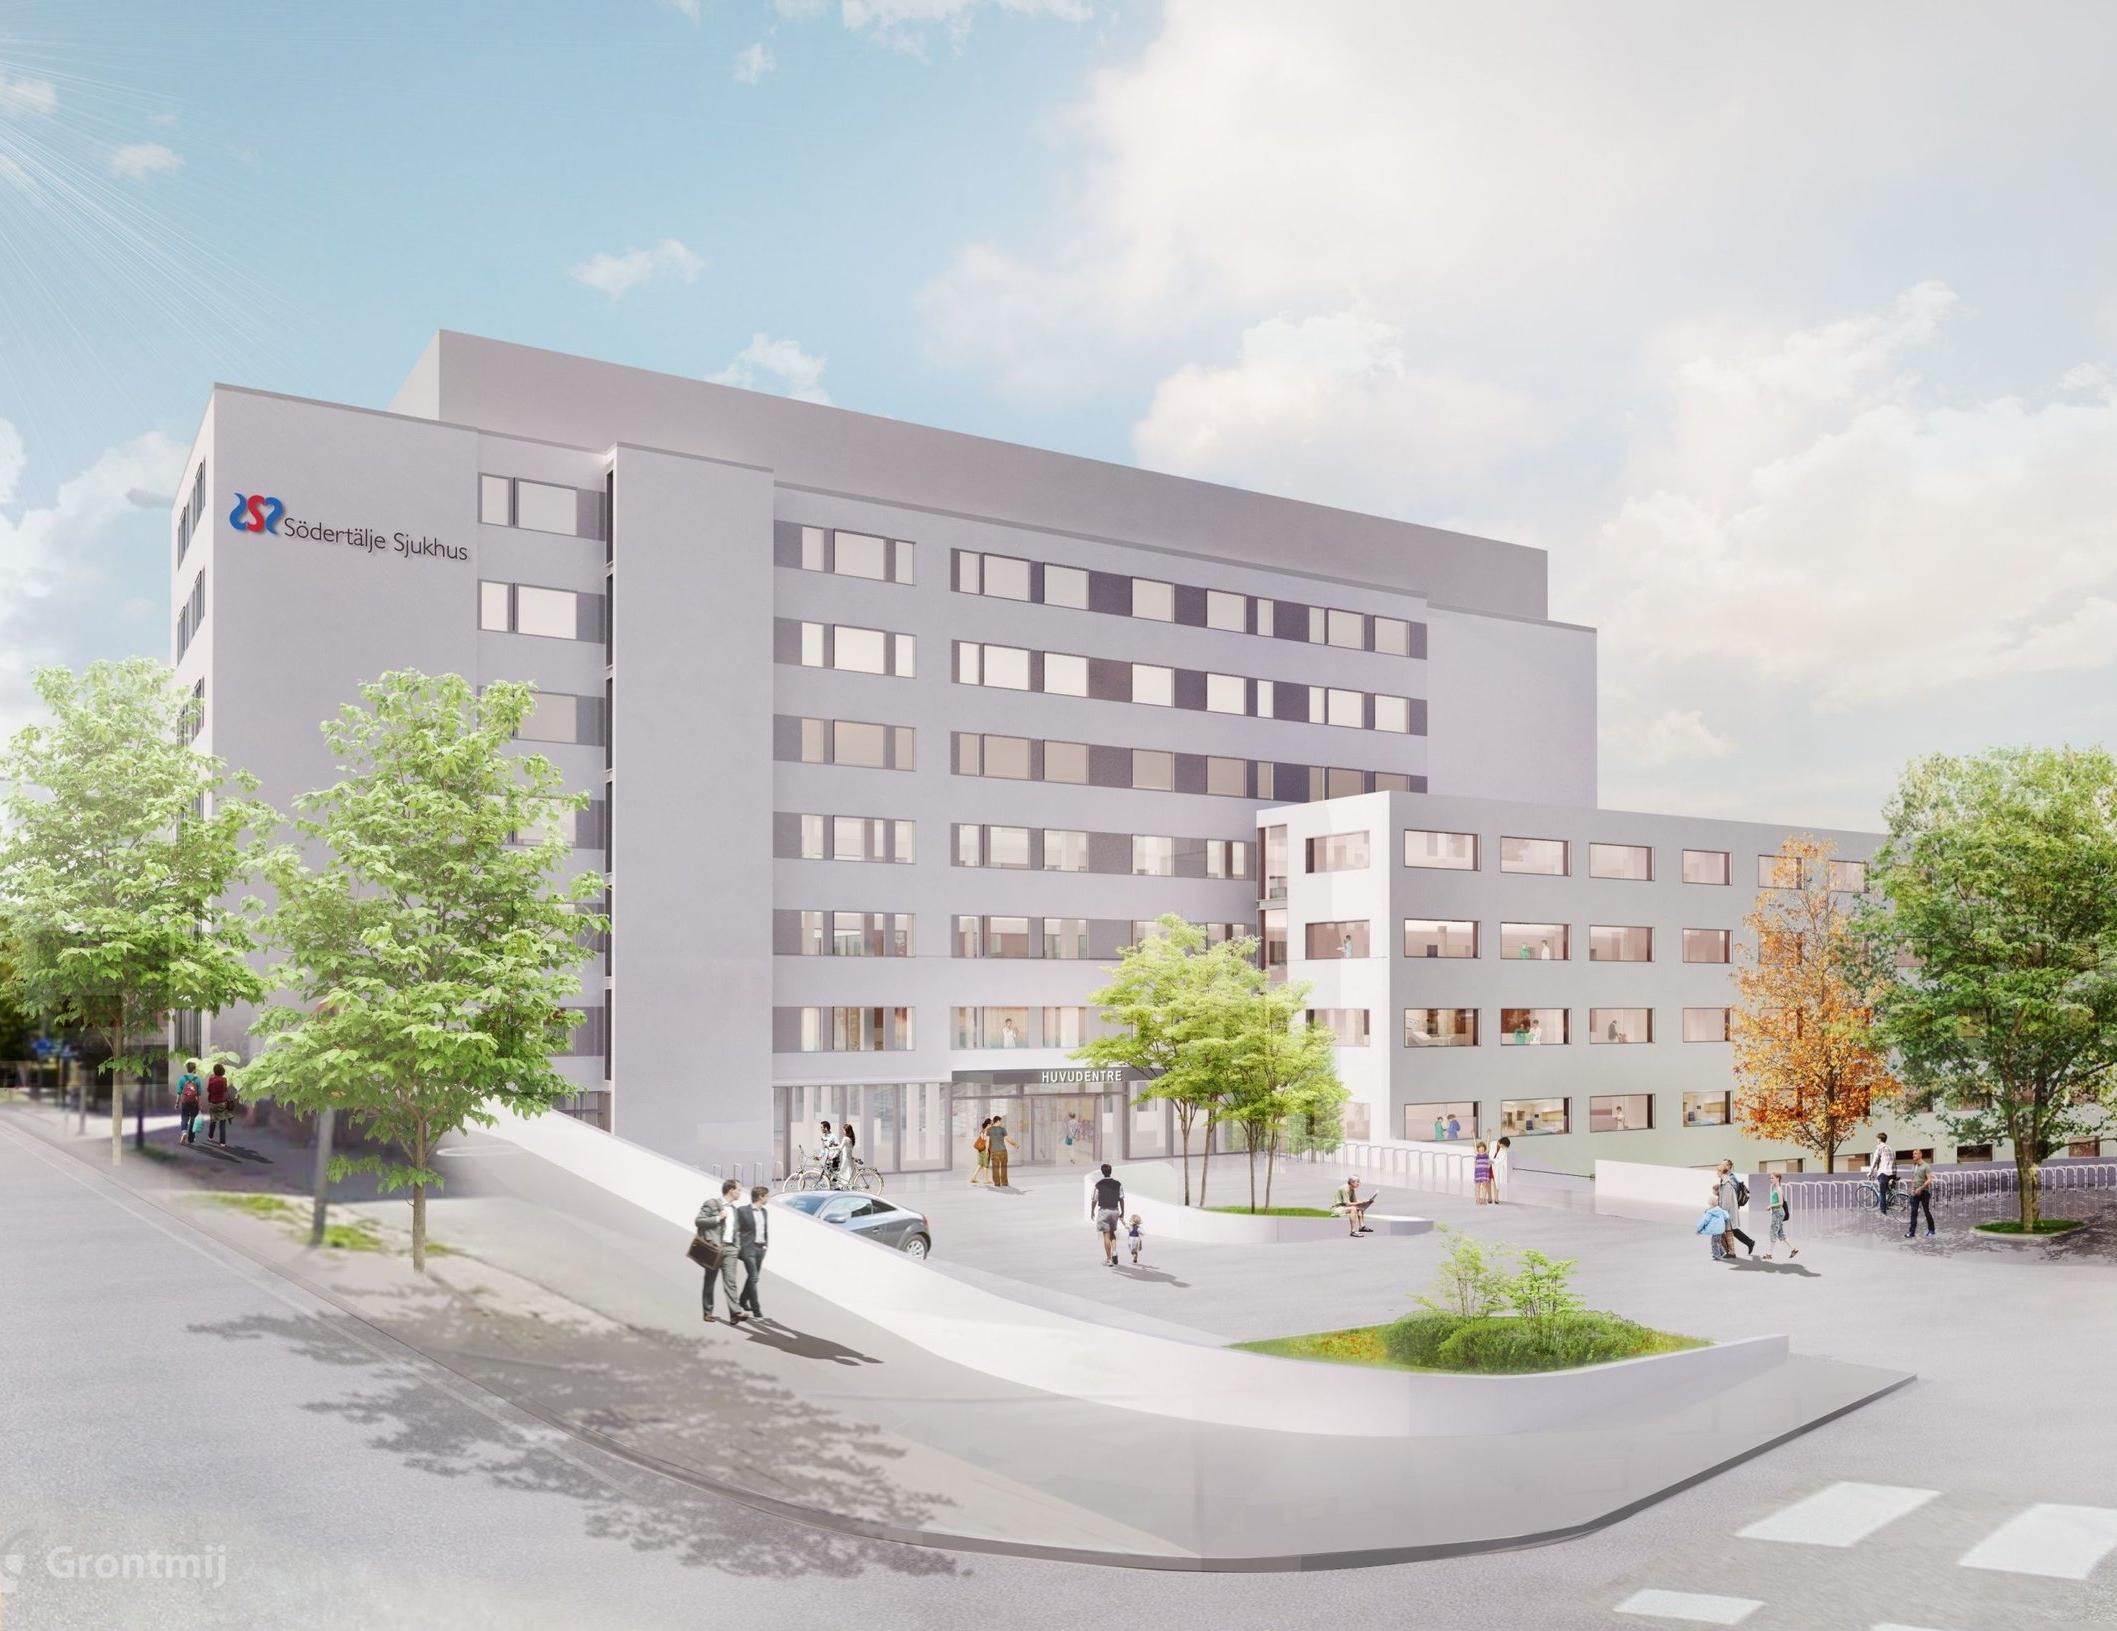 Bilden föreställer Södertälje sjukhus. Bild: Södertälje sjukhus.